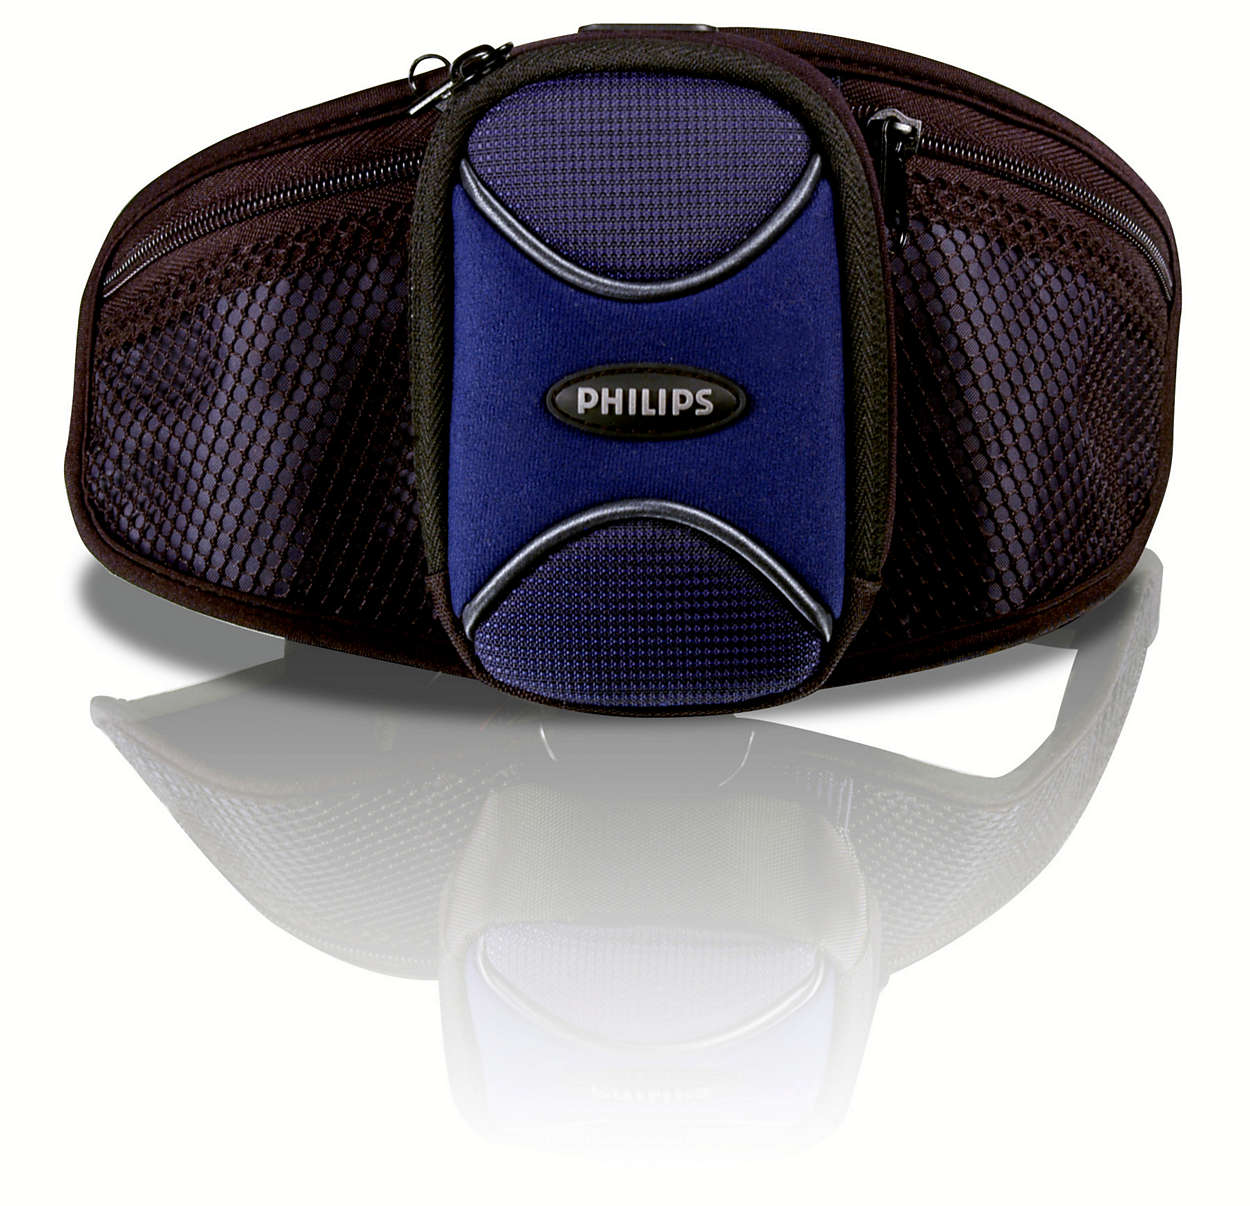 Chroń swój odtwarzacz MP3